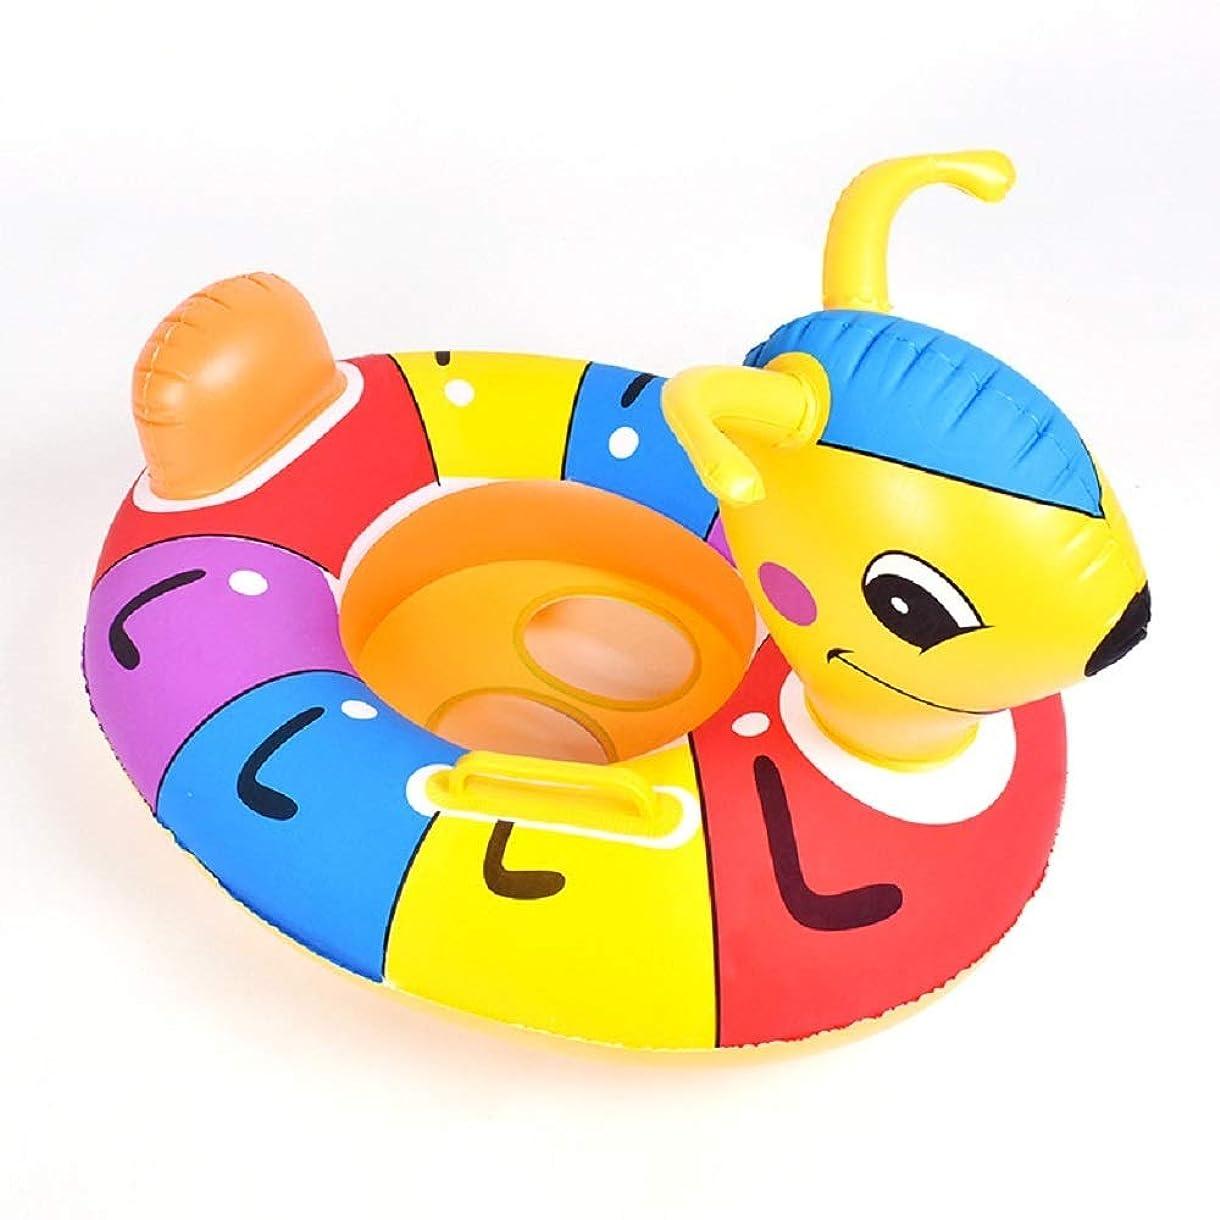 ベール同種の肩をすくめる蟻 浮き輪 子供用    海水浴 2-5歳 水遊びに大活躍 安全 丈夫 スイミング ビーチ 水遊び お風呂  水泳補助具 ( PATTERN : Ant )